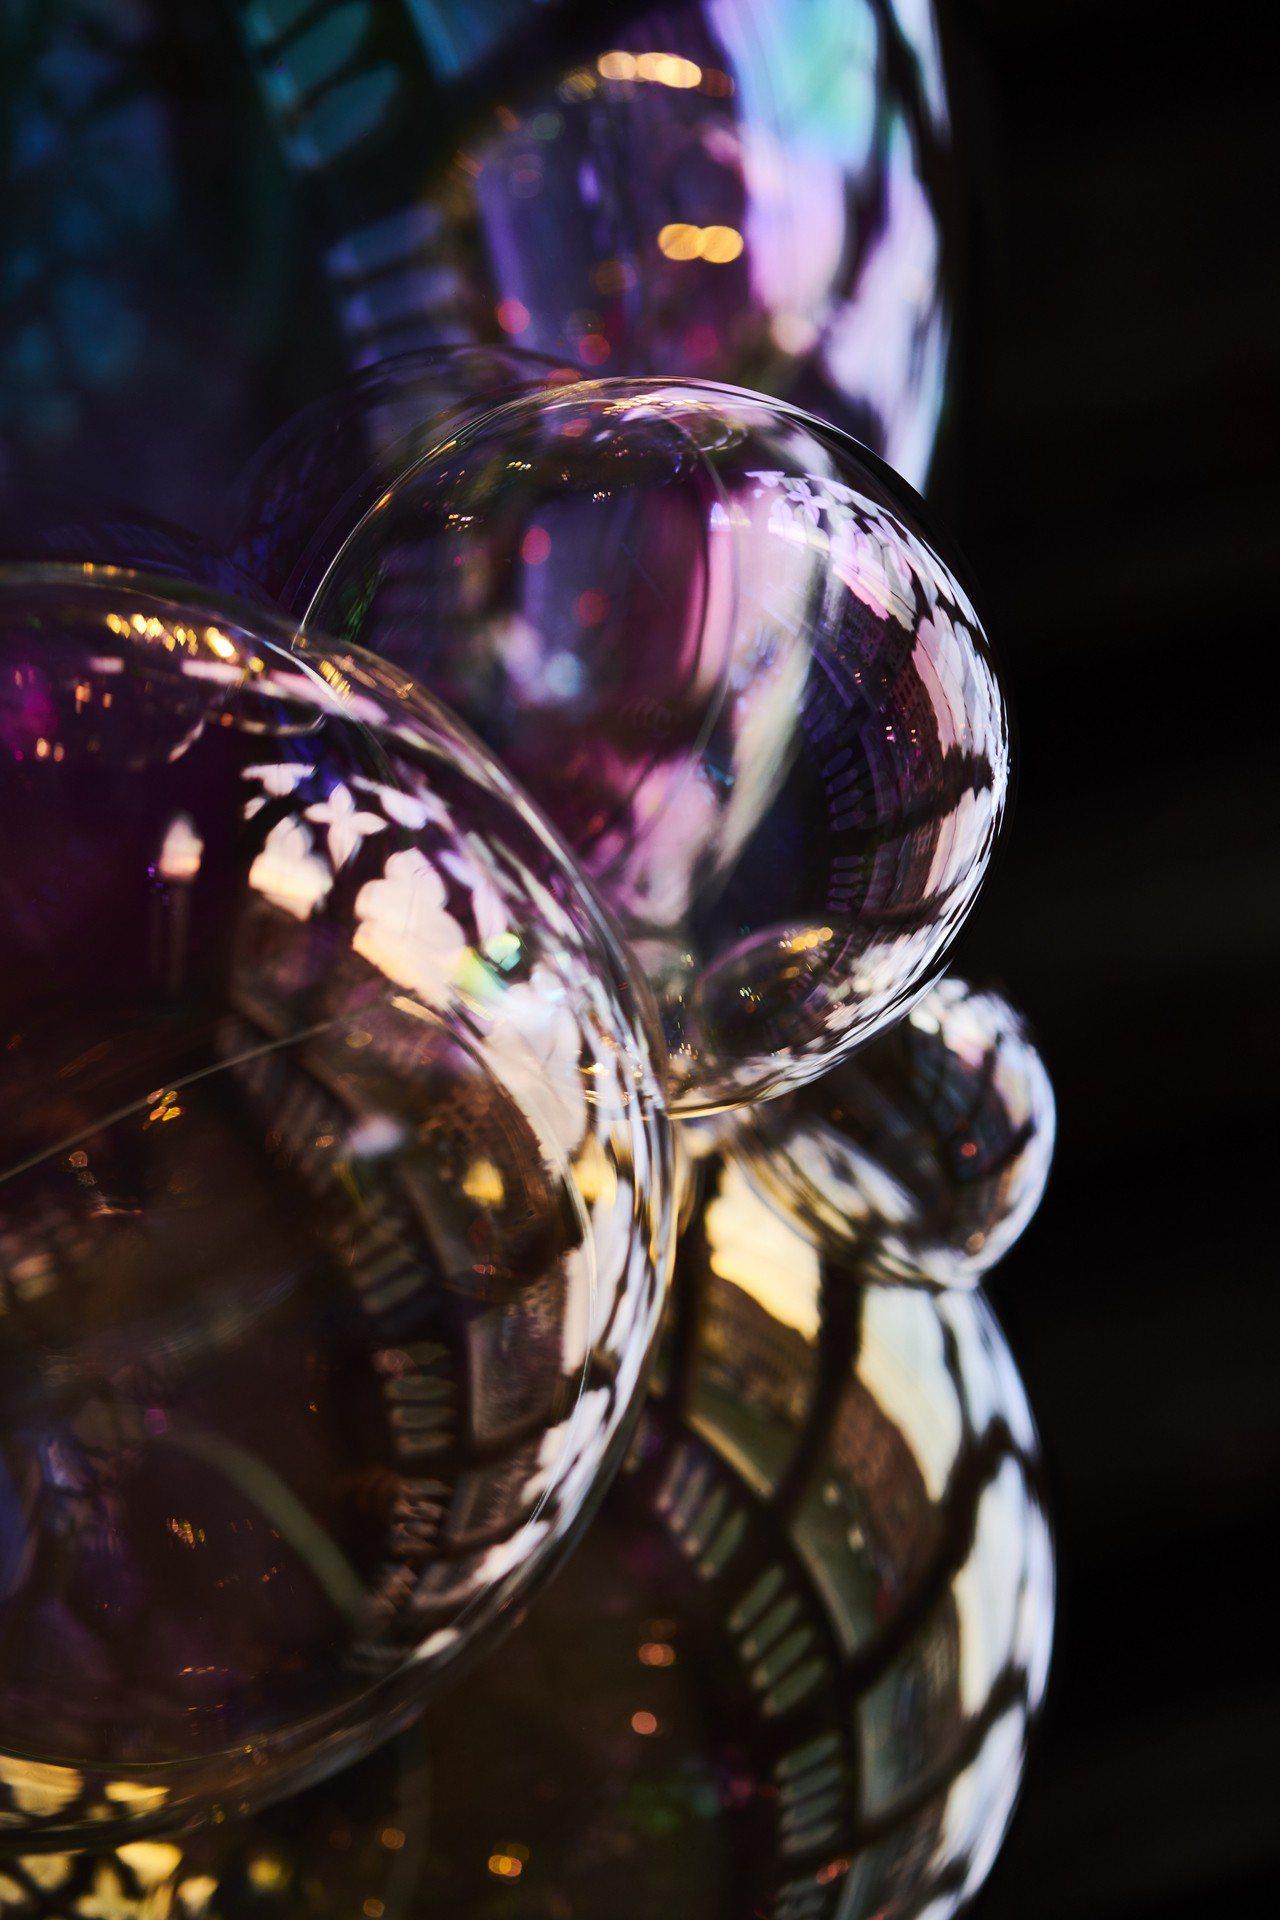 伯爵與荷蘭籍Verhoeven合作的玻璃藝術作品「Moments of Happ...